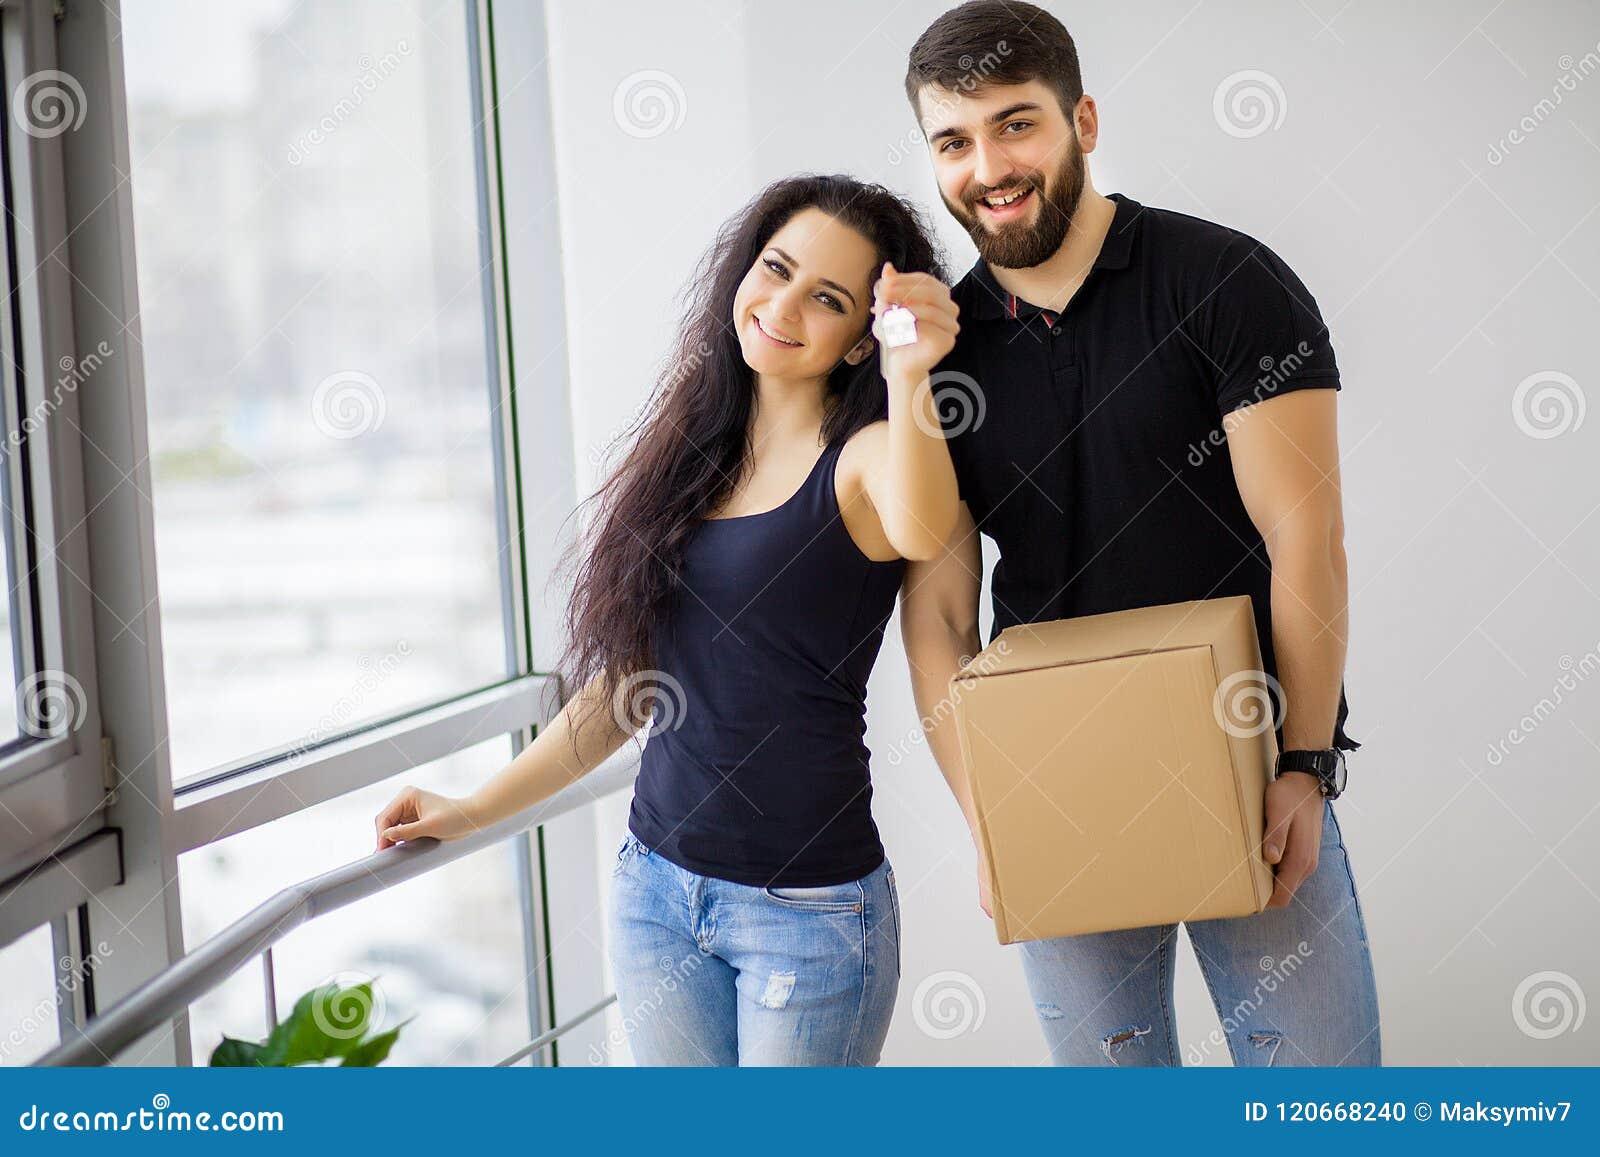 Gelukkig jong paar die zich in nieuwe huis uitpakkende dozen bewegen